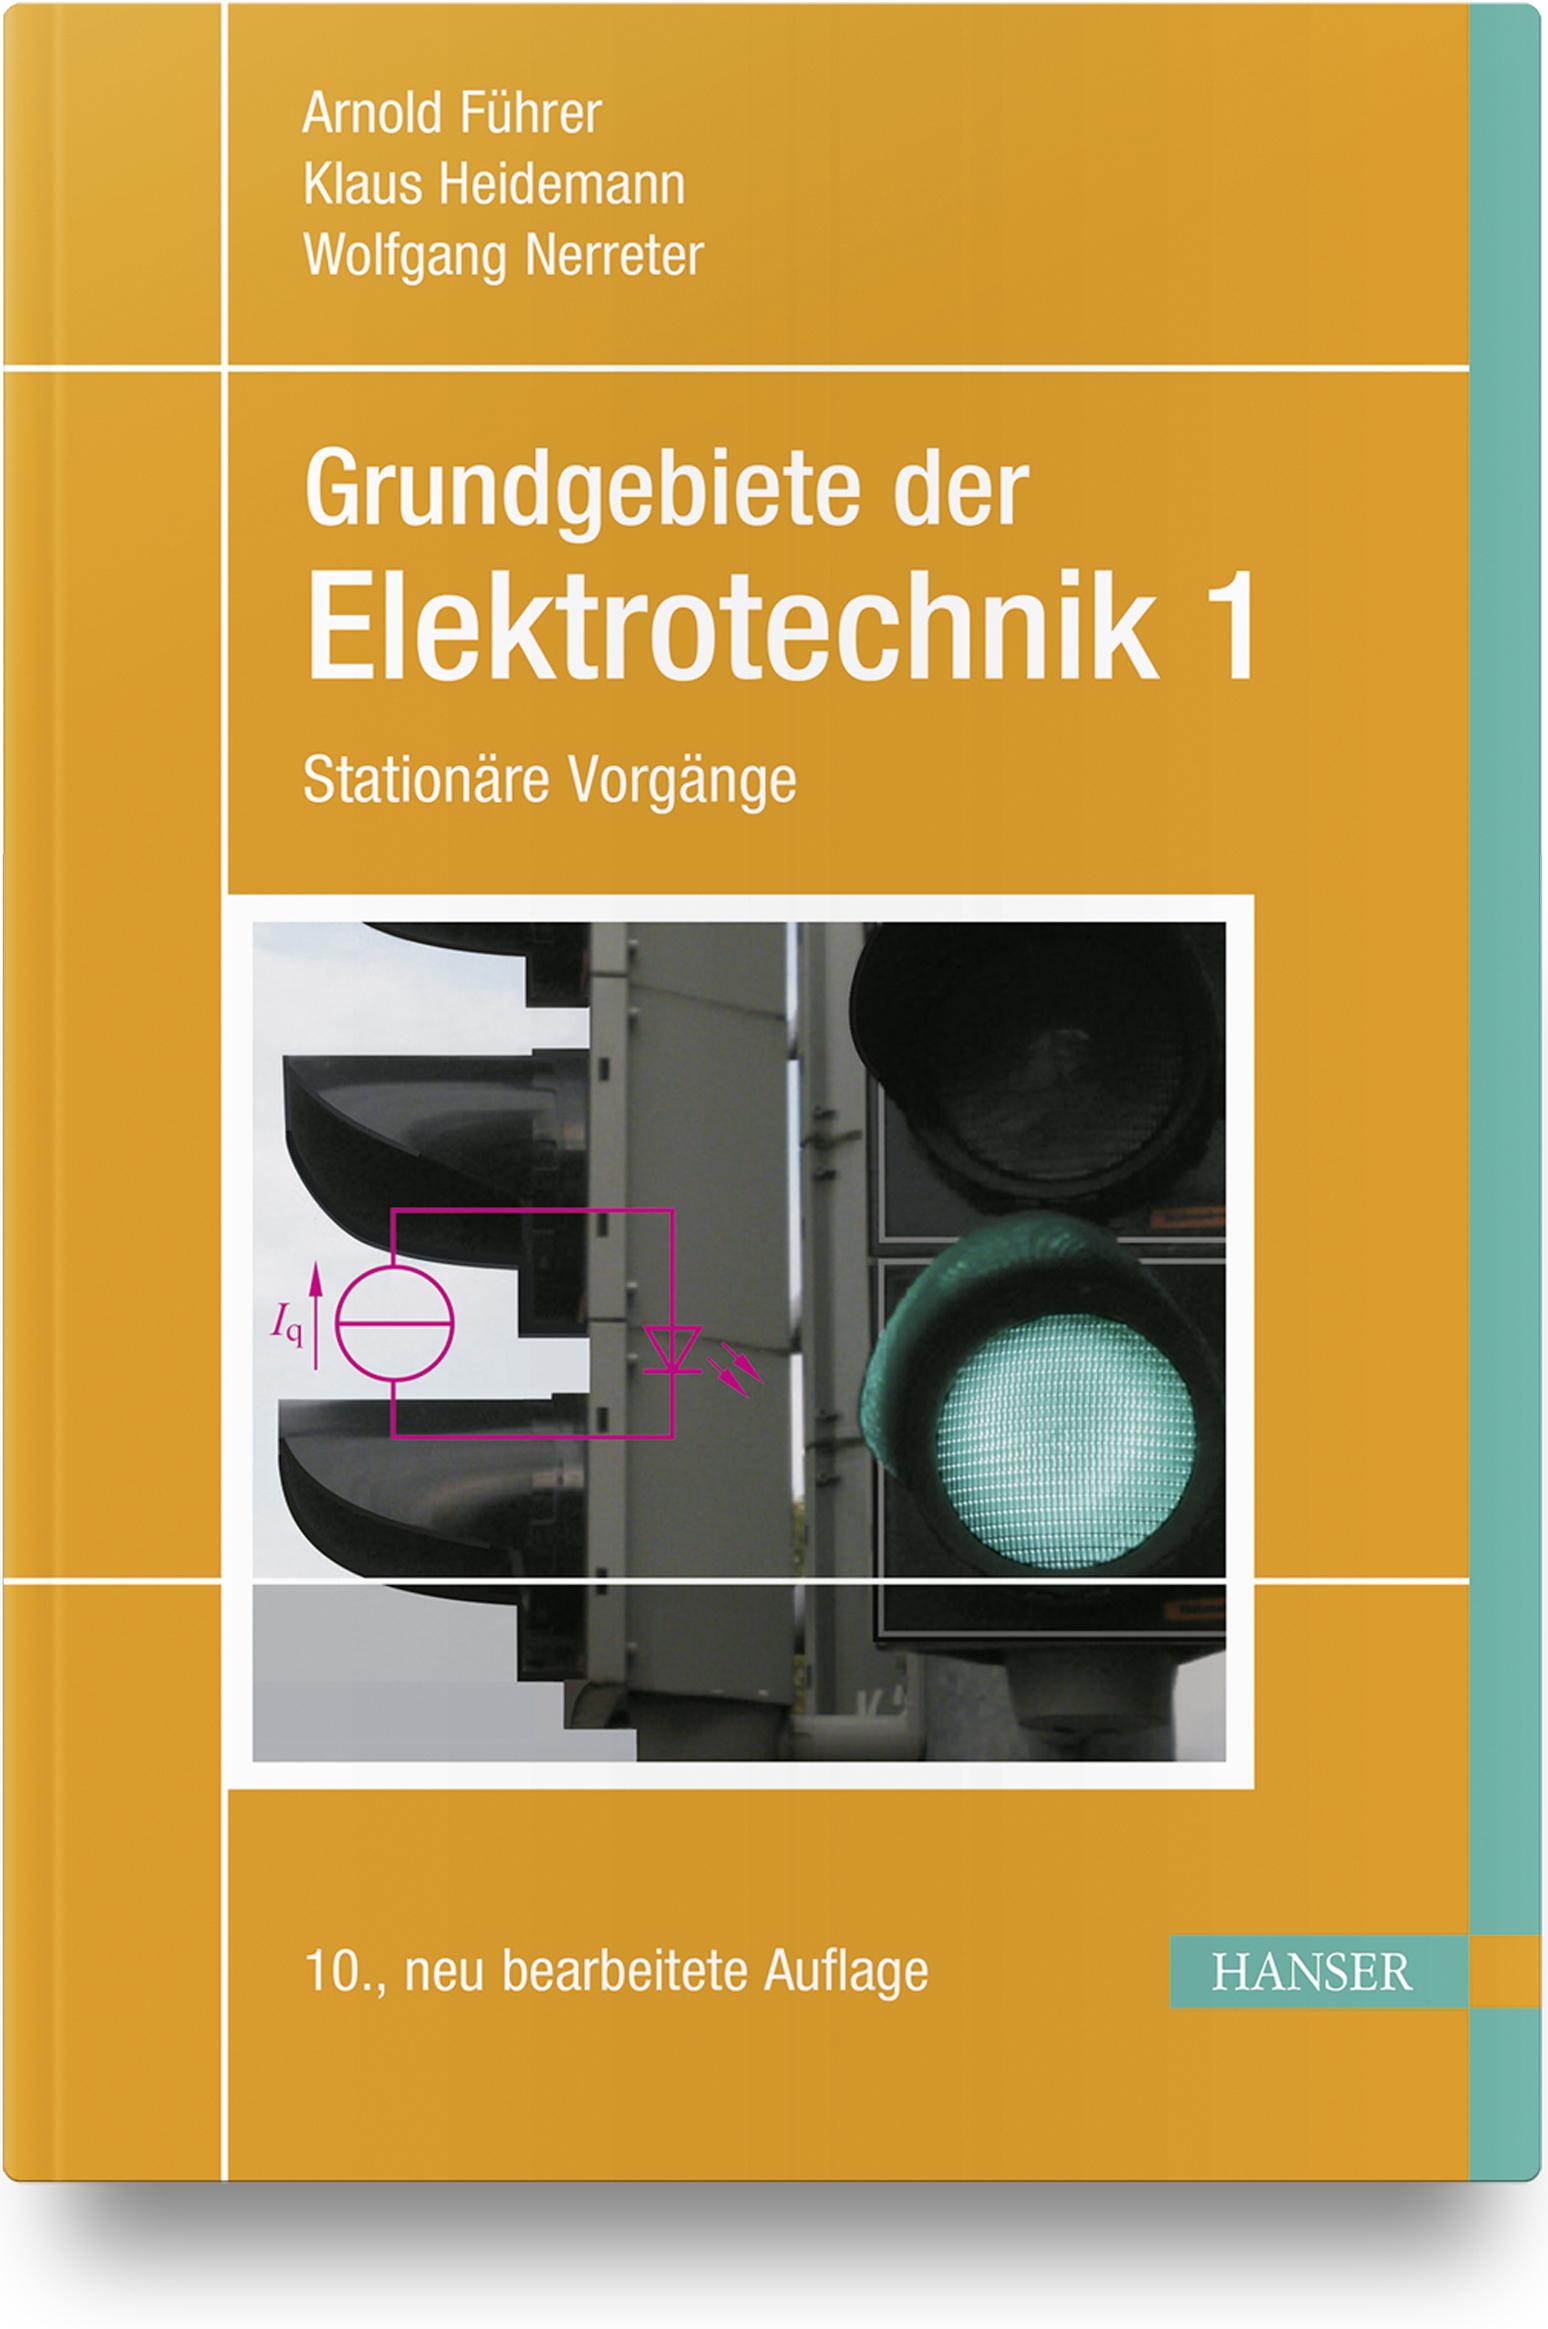 Führer, Heidemann, Nerreter, Grundgebiete der Elektrotechnik, 978-3-446-45953-3